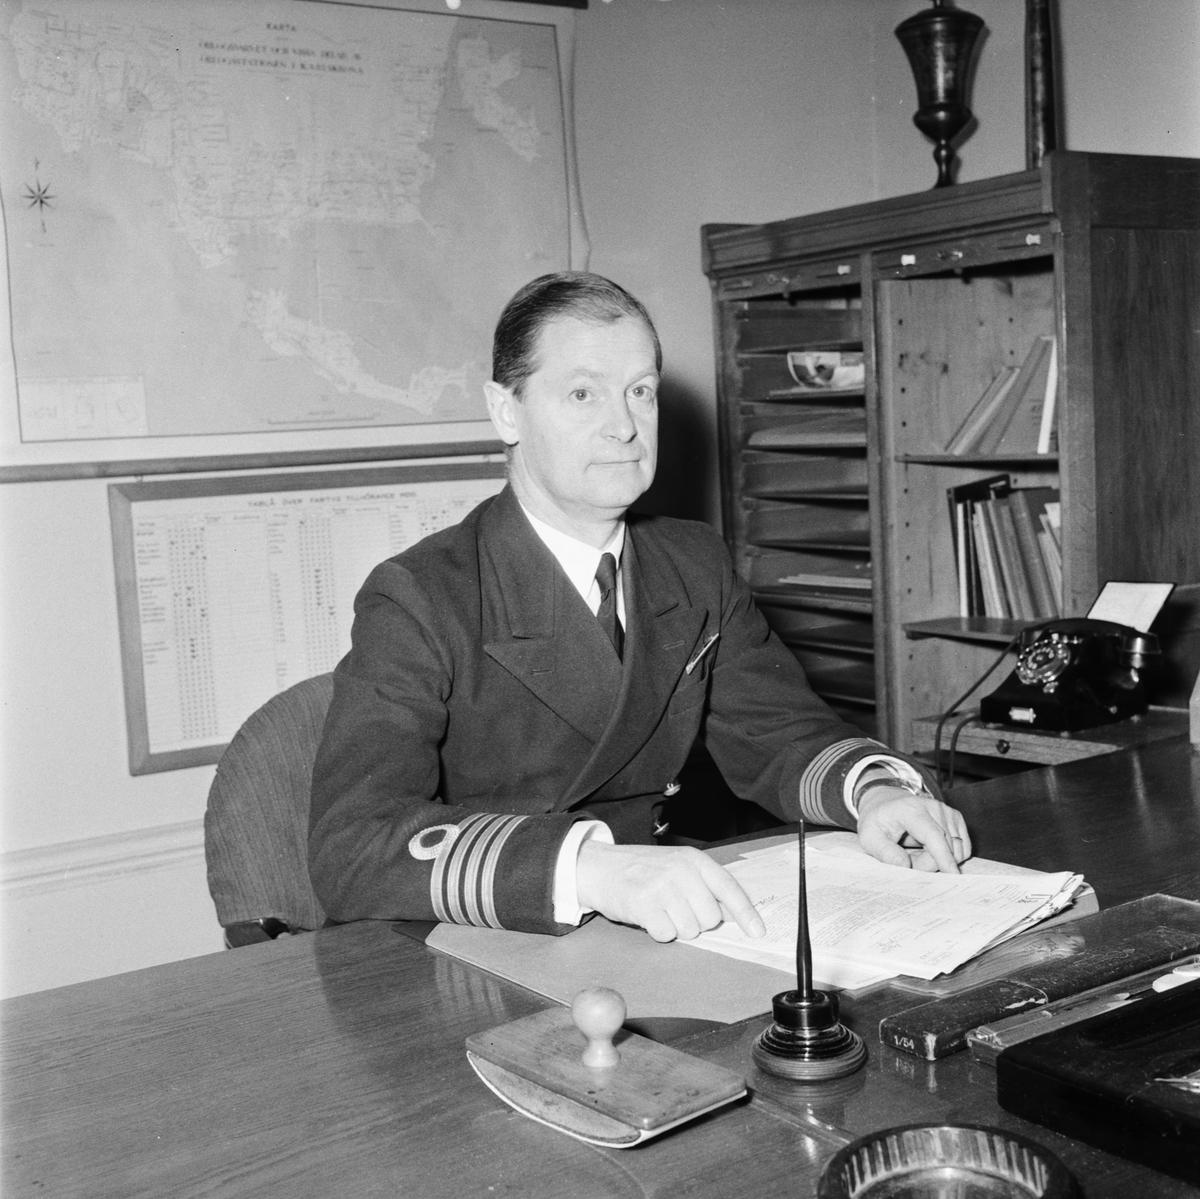 Övrigt: Foto datum: 1/3 1956 Byggnader och kranar Kapten Ödmark. Närmast identisk bild: V8760, 8761 och V8762, ej skannade